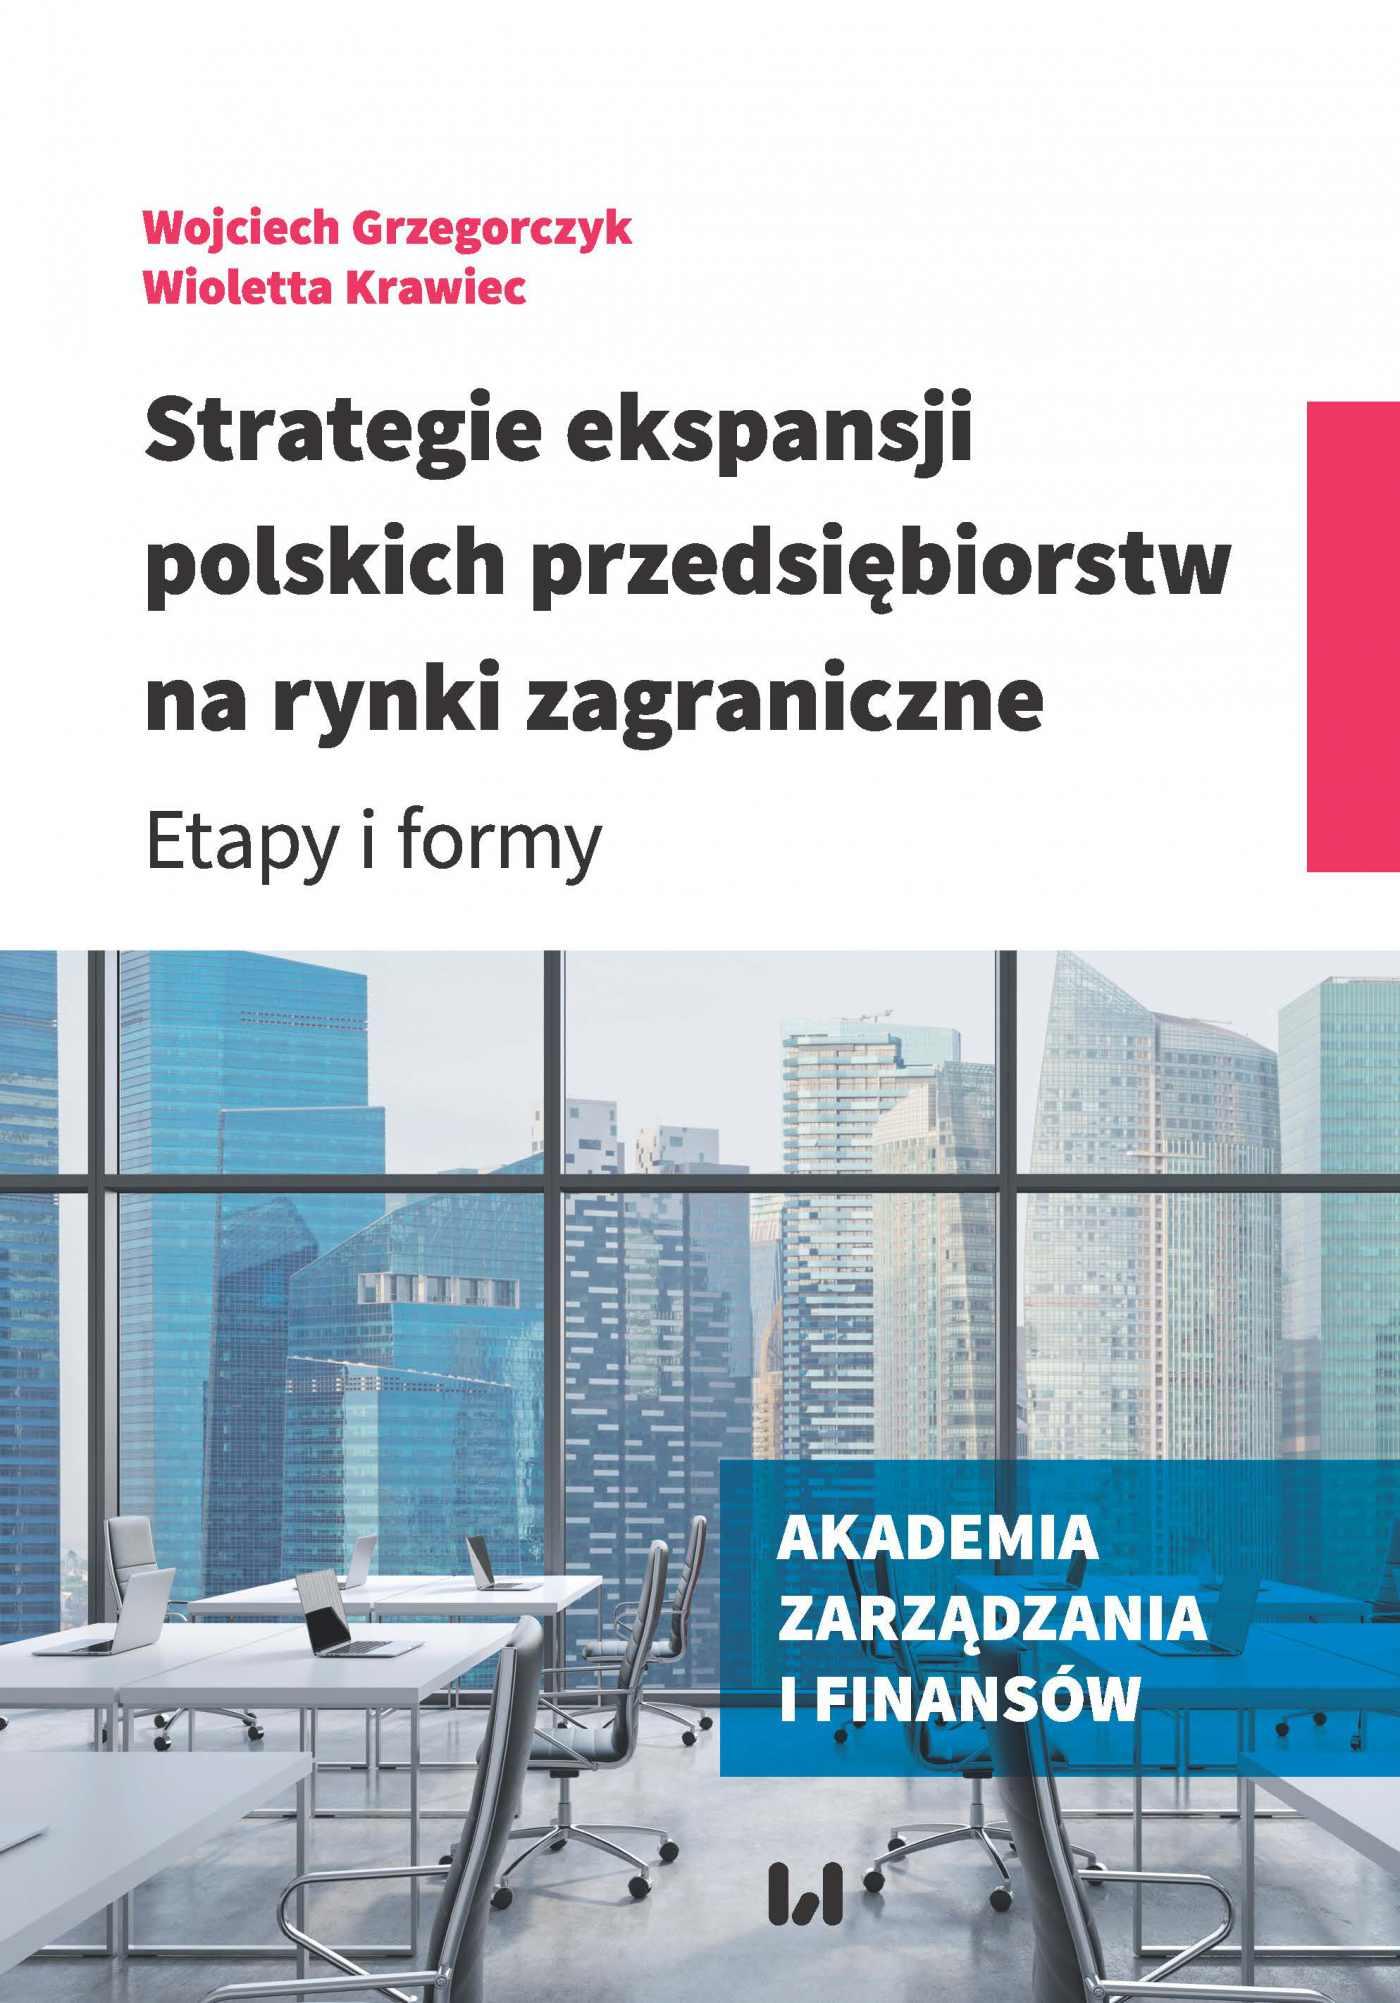 Strategie ekspansji polskich przedsiębiorstw na rynki zagraniczne. Etapy i formy - Ebook (Książka PDF) do pobrania w formacie PDF